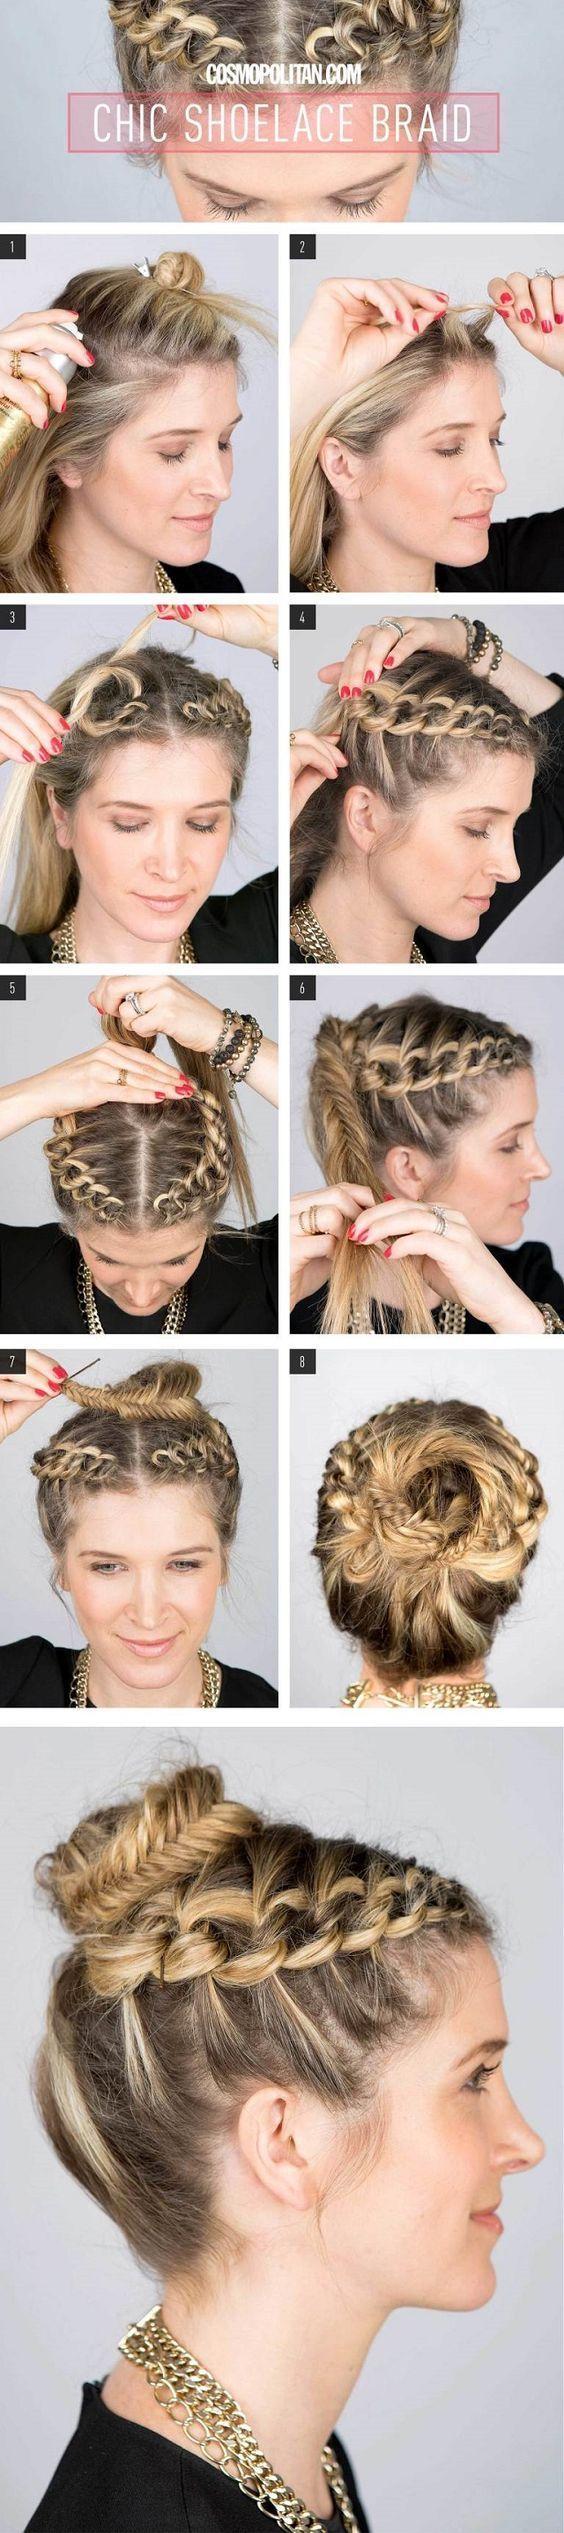 Chic Shoelace Braid hair diy hair ideas hairstyles diy hairstyles hair pictures hair designs hair images